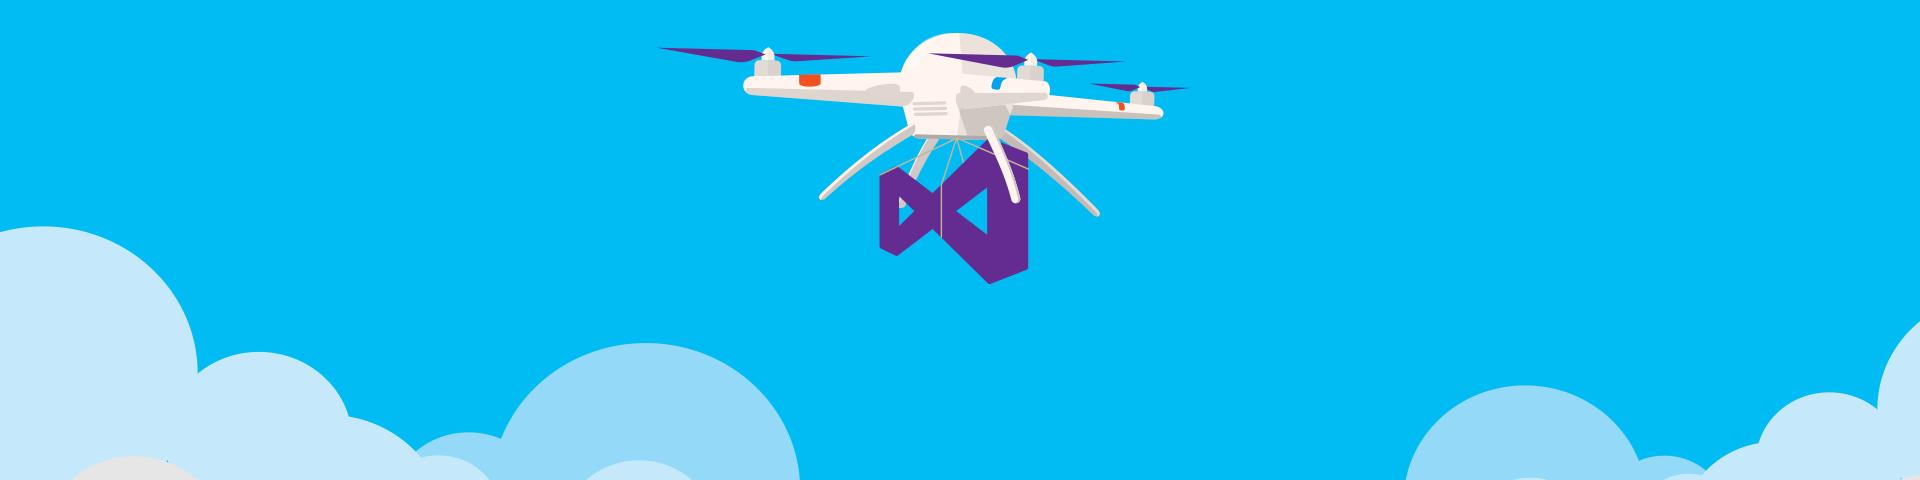 Illustration d'un drone en plein vol avec le logo Visual Studio